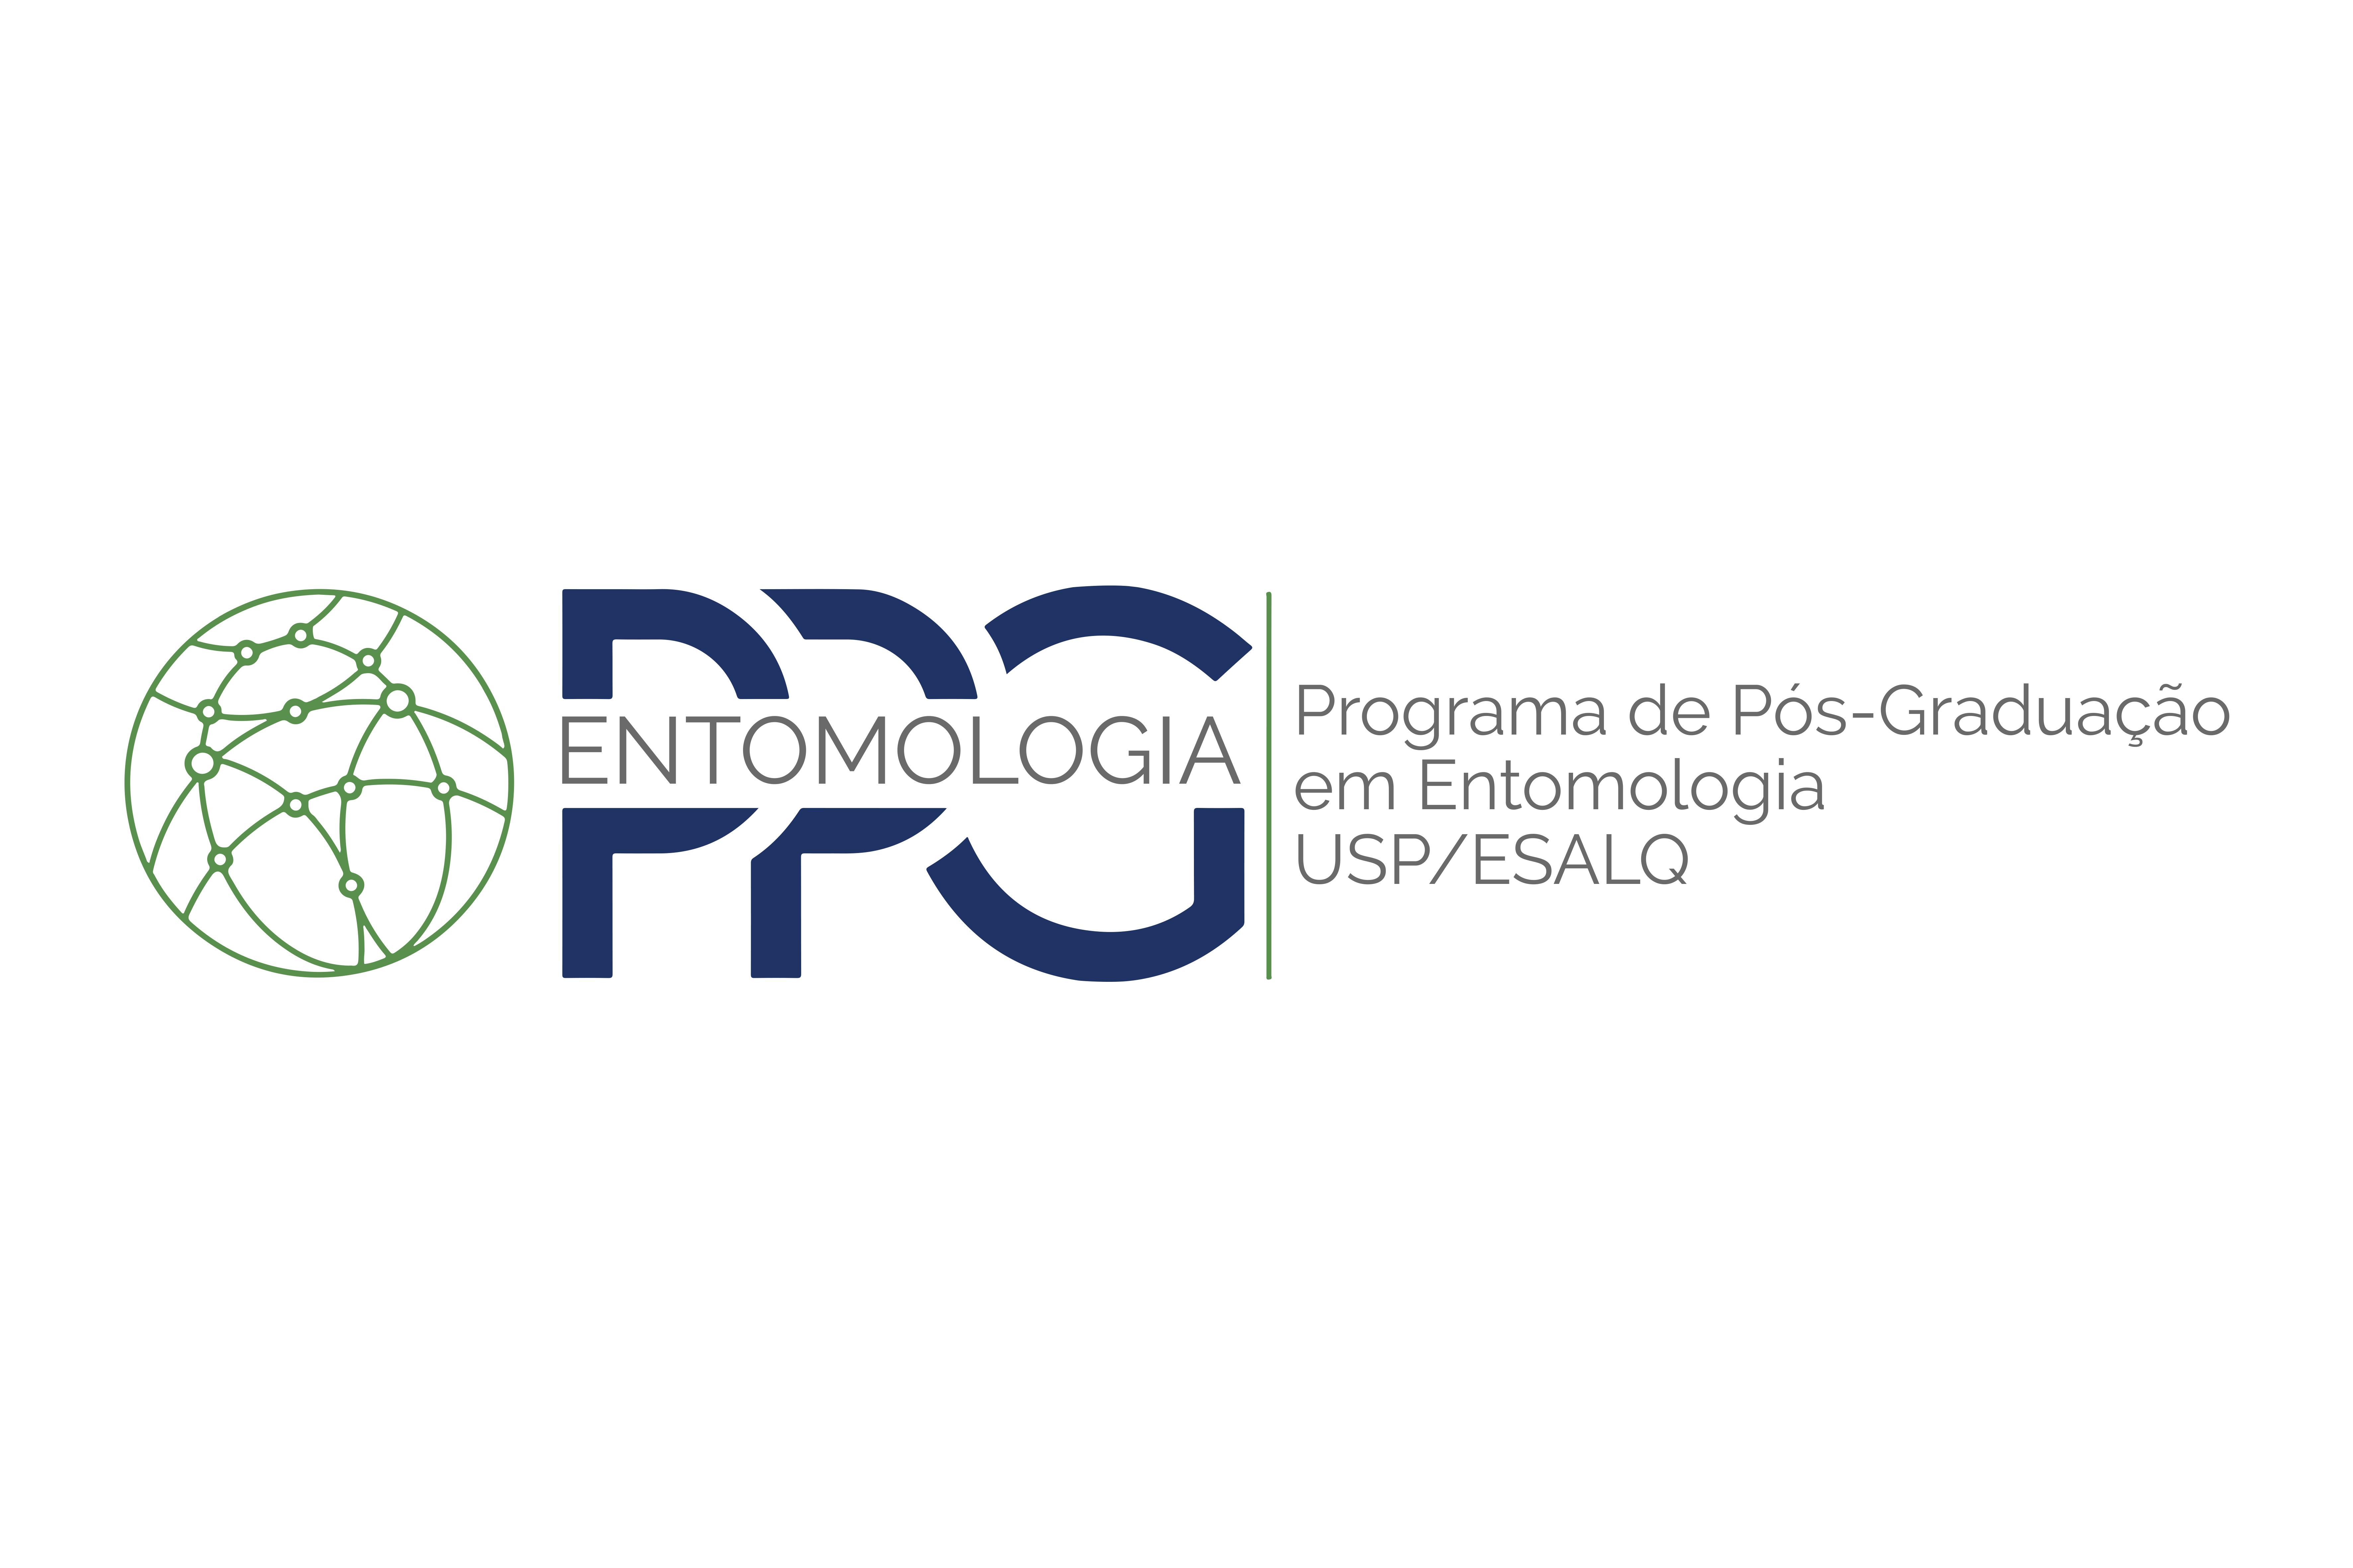 PPG em Entomologia